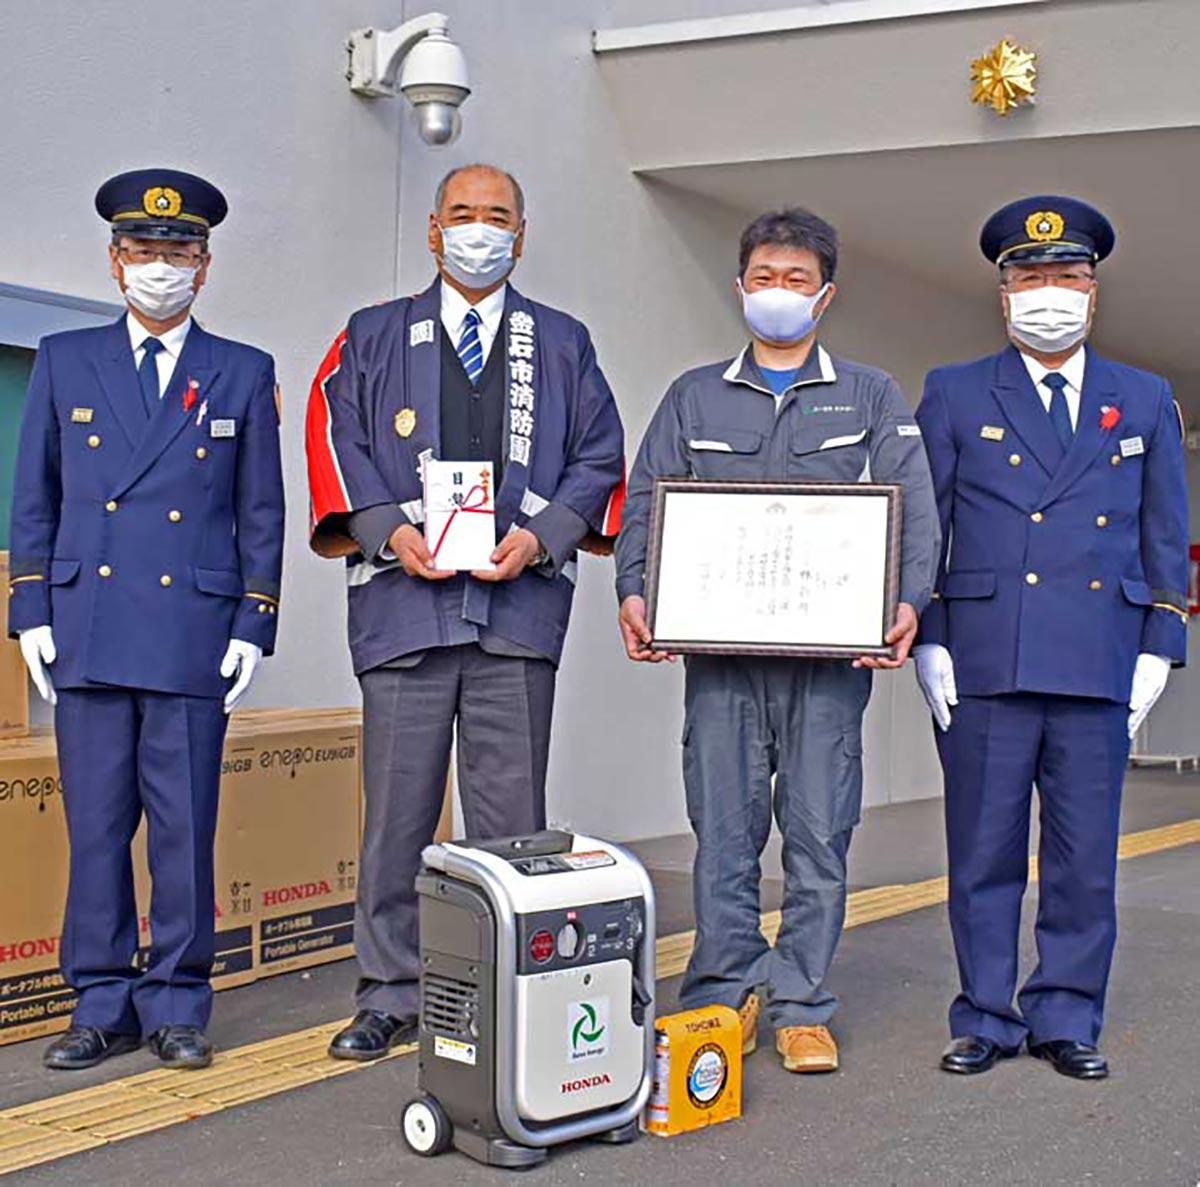 市消防団へ発電機12基を贈り、市長感謝状を受けたユーラスエナジー釜石の奥山さん(右から2人目)